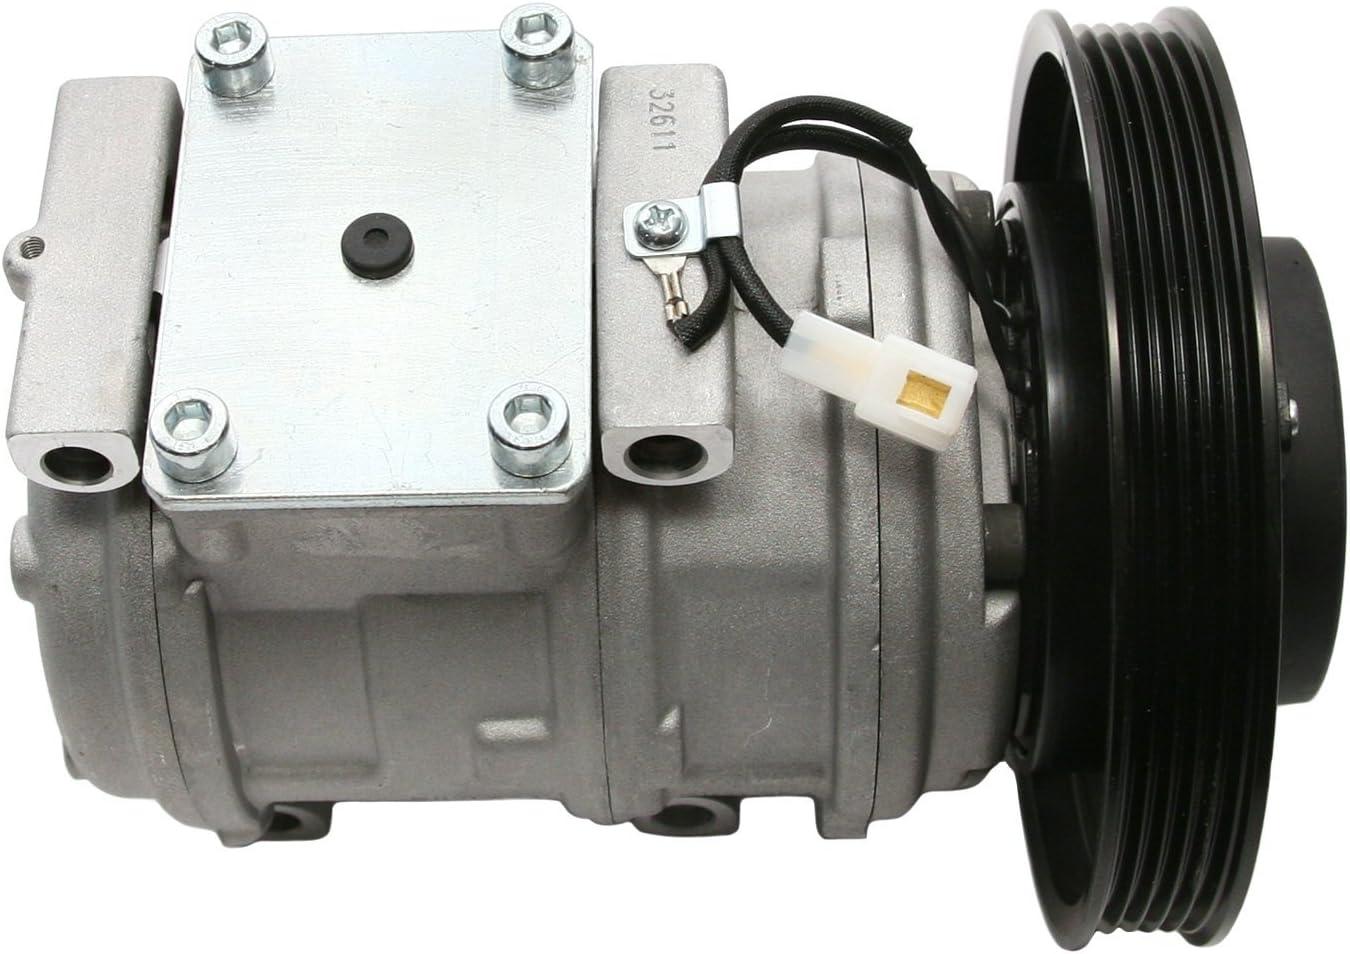 Delphi CS20109 10S17 New Air Conditioning Compressor